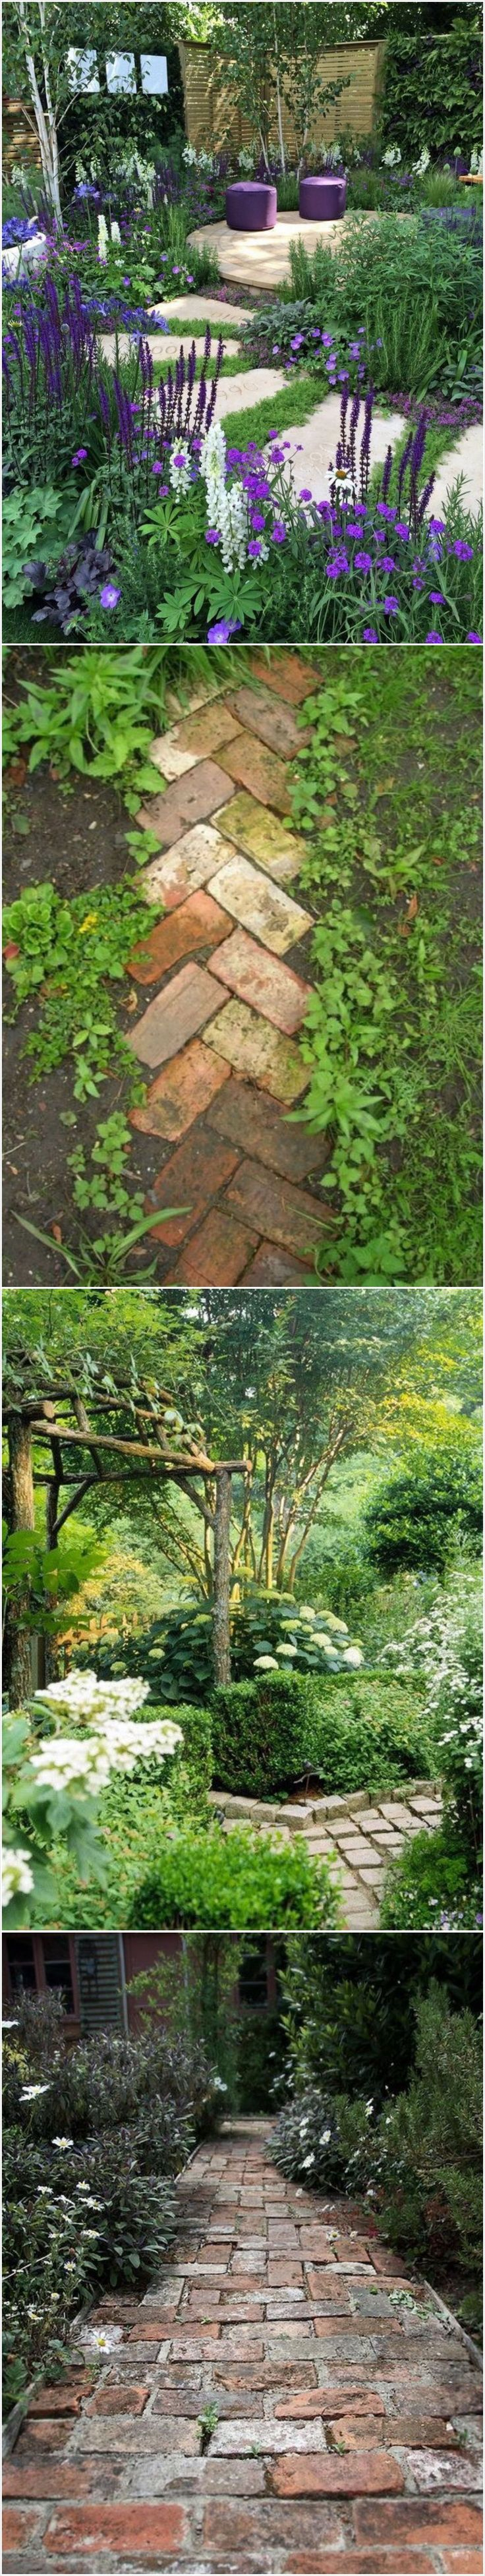 Love the purple garden! & little herringbone side path.